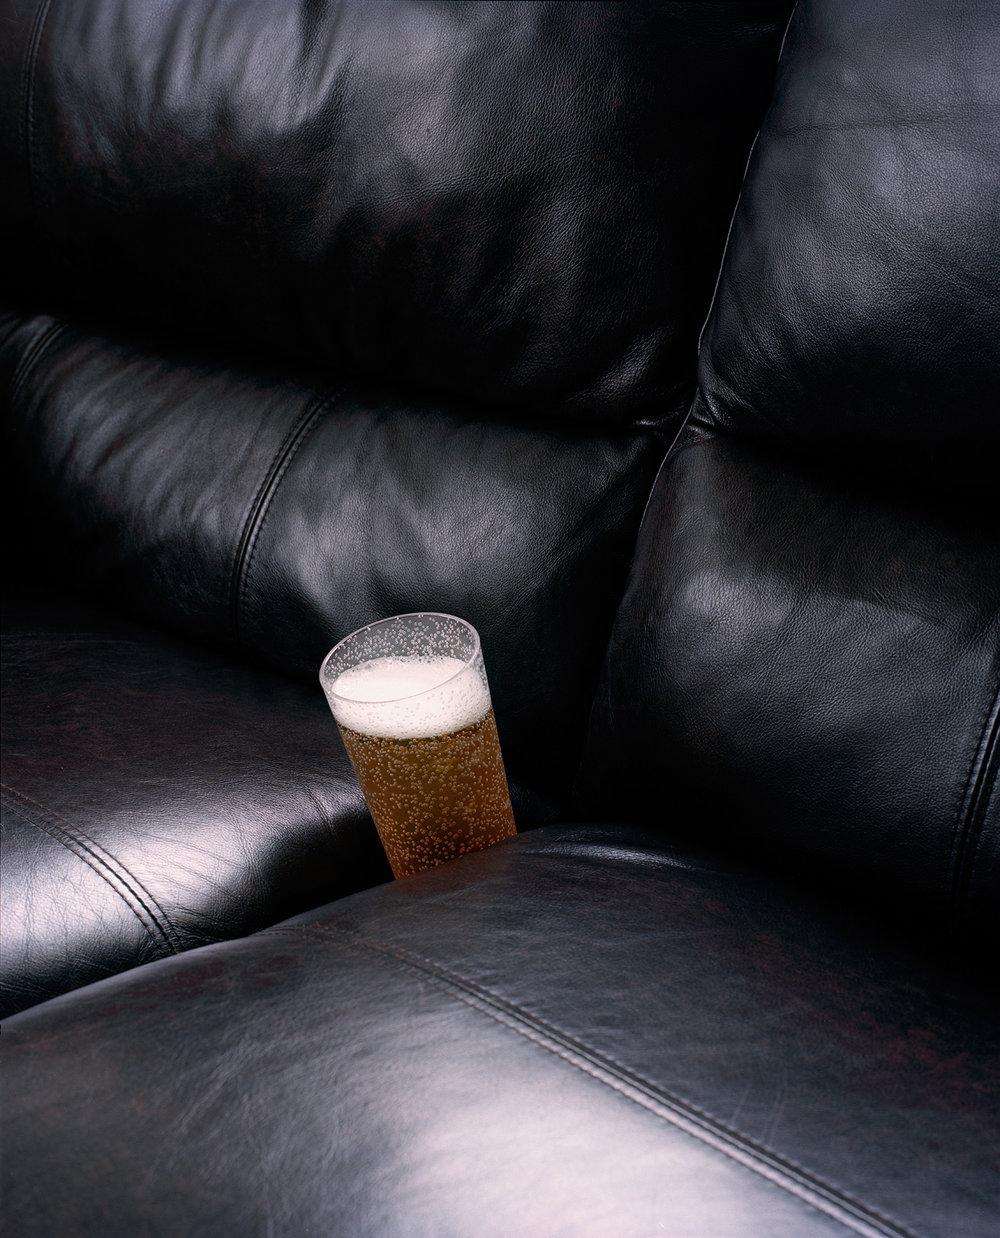 2017 sofa beer 0081.jpg